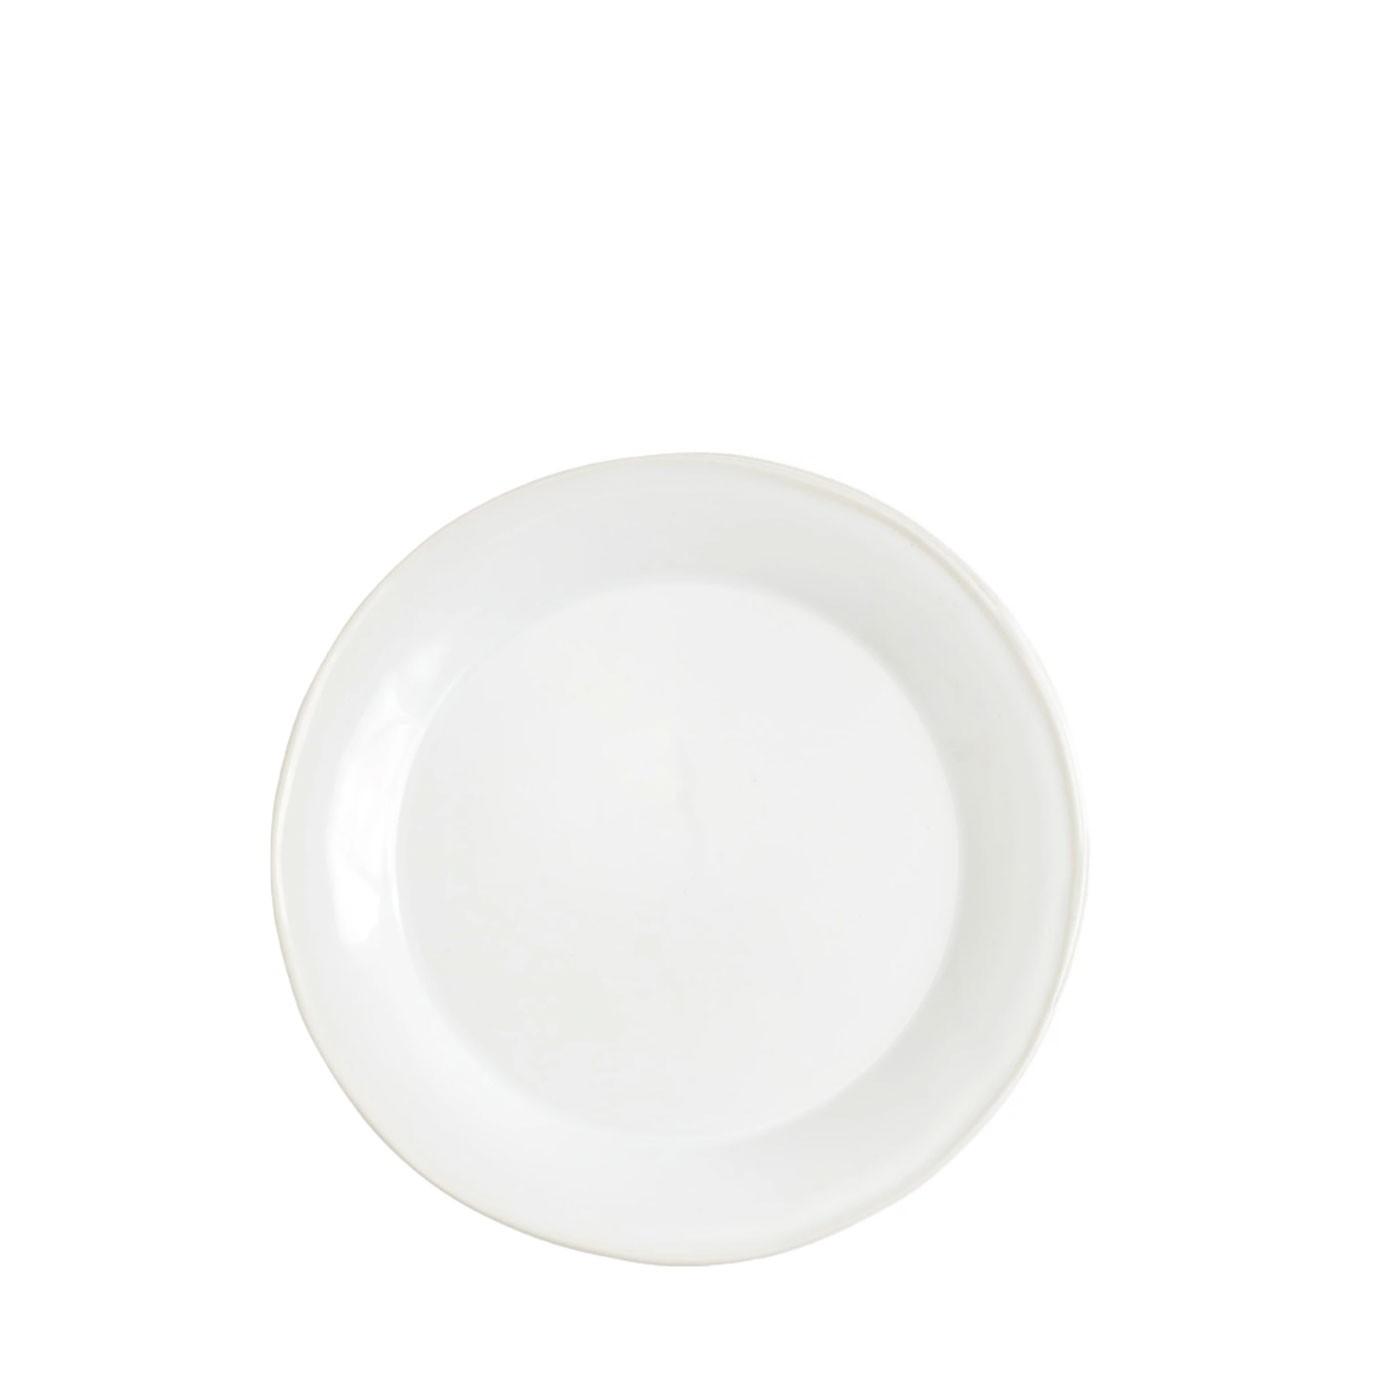 Chroma White Dinner Plate